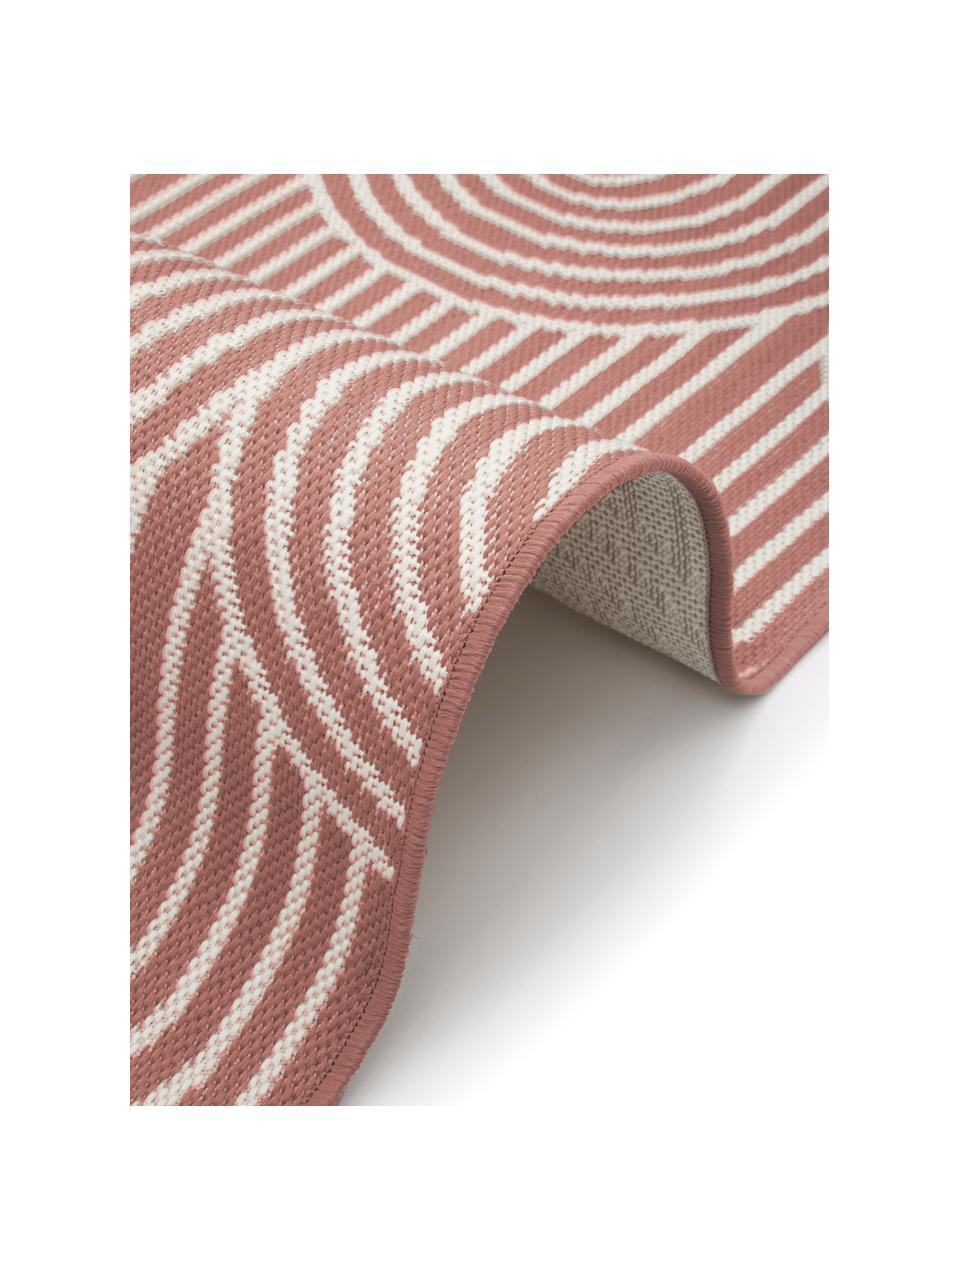 Dywan wewnętrzny/zewnętrzny Arches, 86% polipropylen, 14% poliester, Czerwony, biały, S 200 x D 290 cm (Rozmiar L)